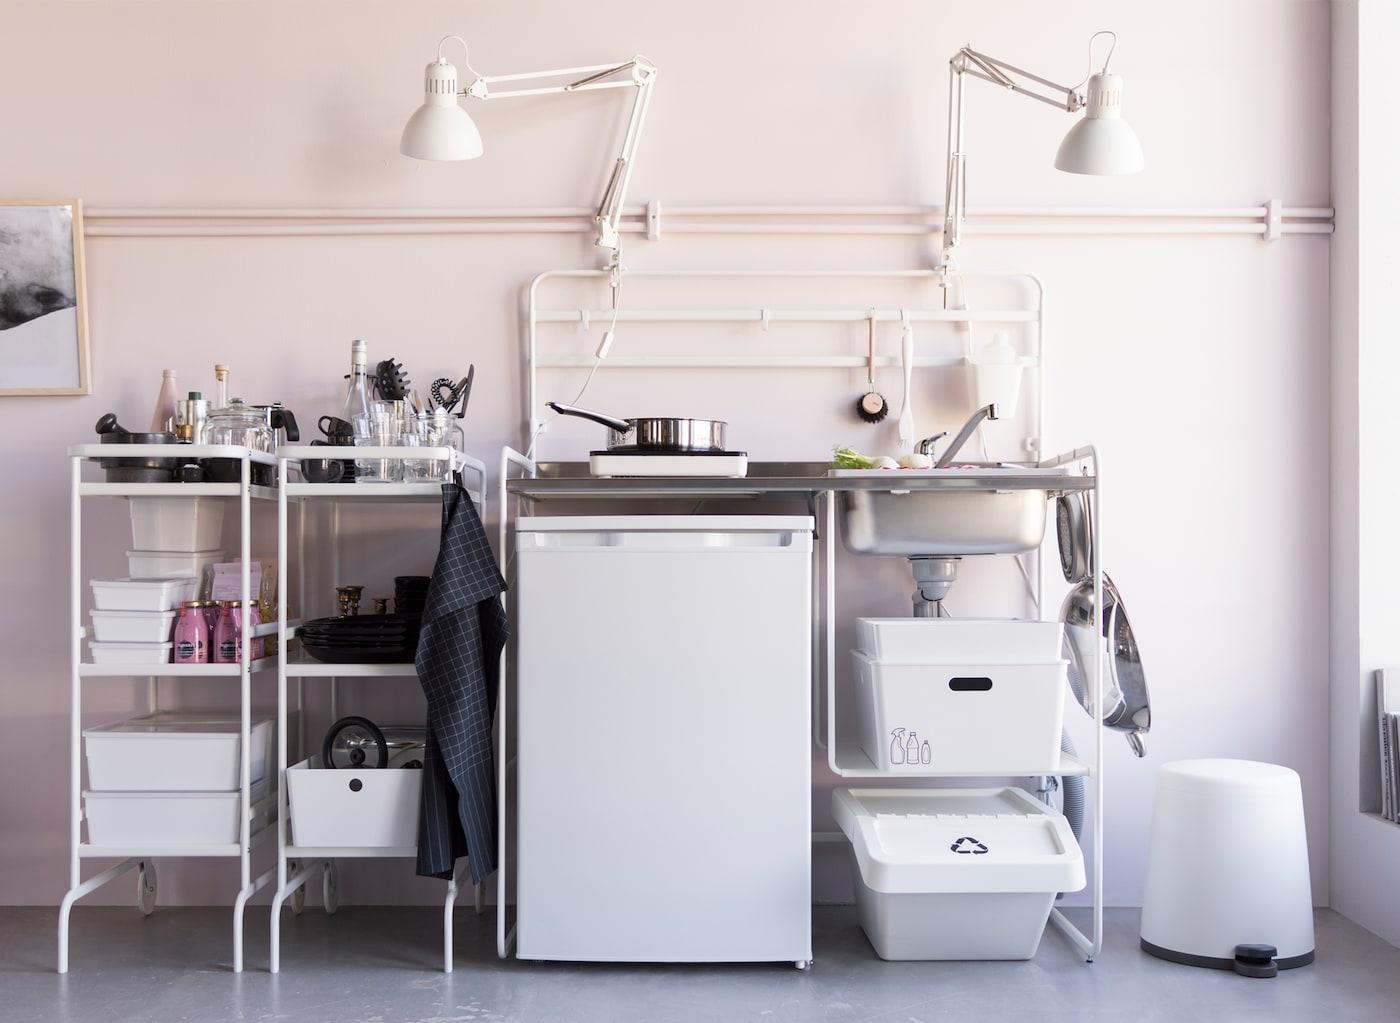 Mini Kühlschrank Ikea : Miniküche für kleine geldbeutel ikea